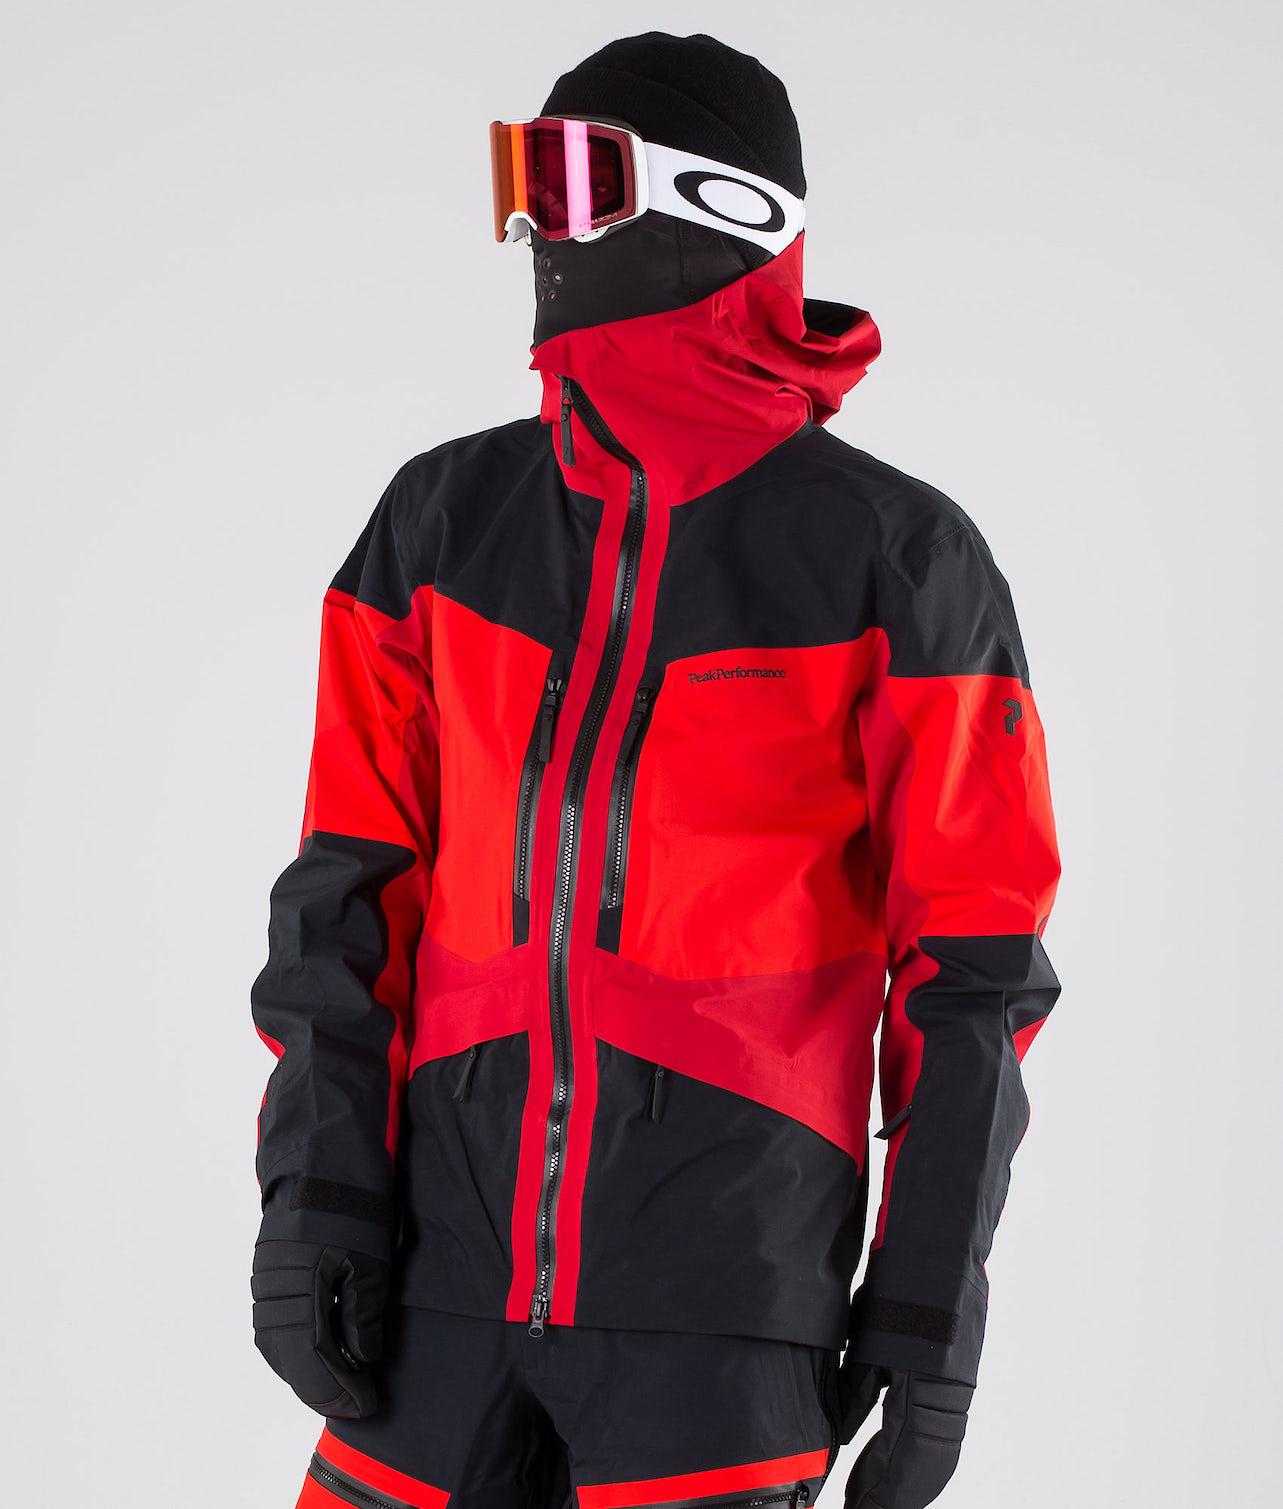 Kjøp Gravity Snowboardjakke fra Peak Performance på Ridestore.no - Hos oss har du alltid fri frakt, fri retur og 30 dagers åpent kjøp!